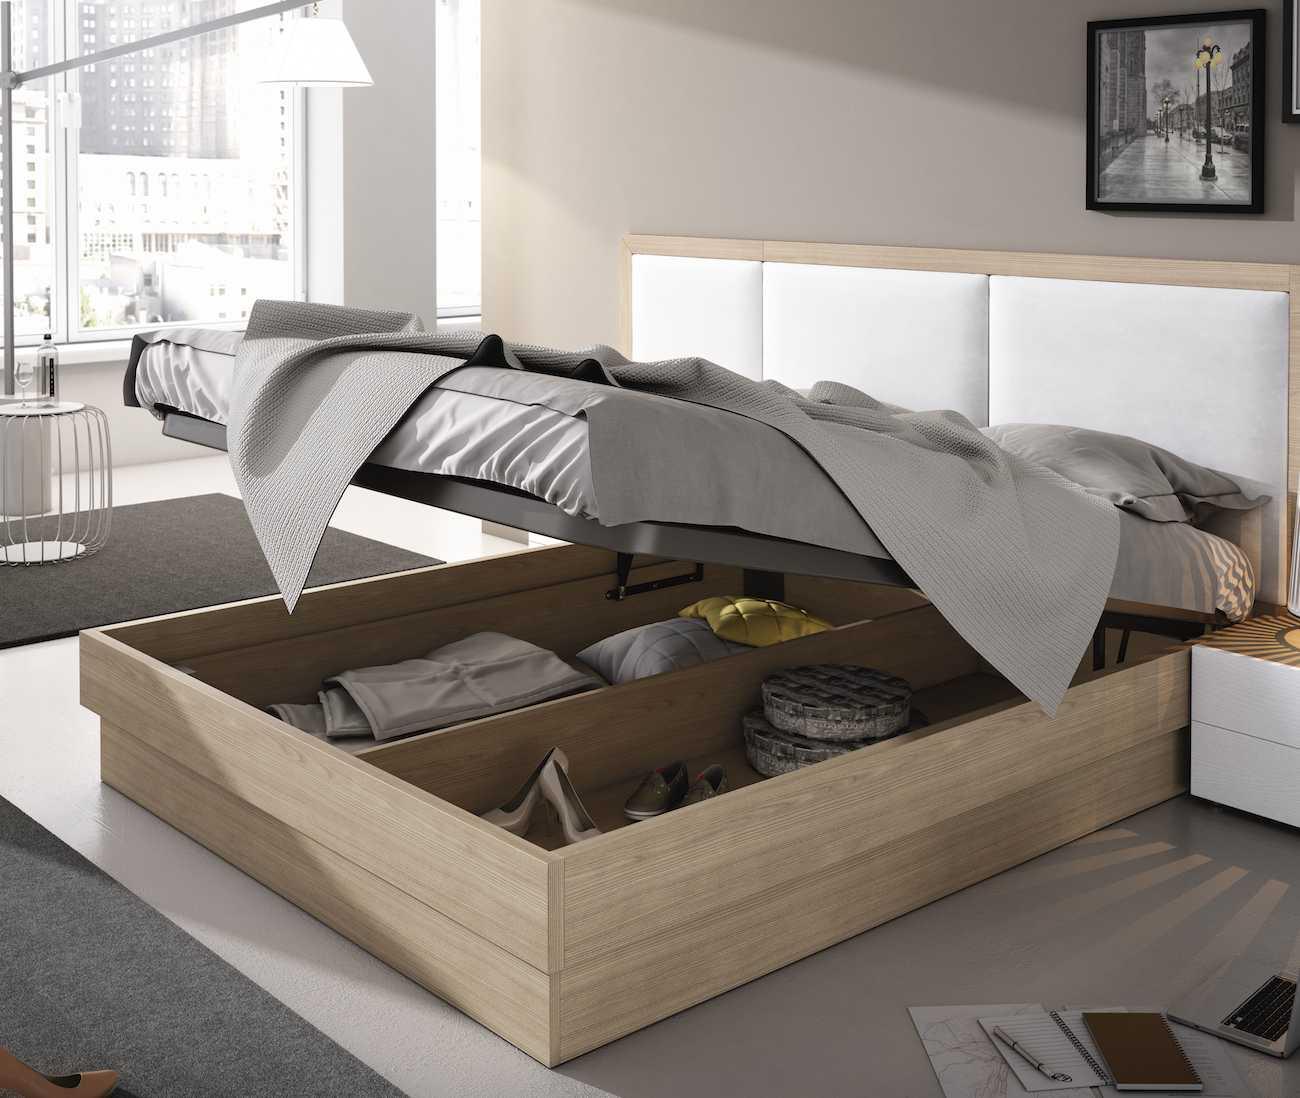 Consejos para comprar canapés cama